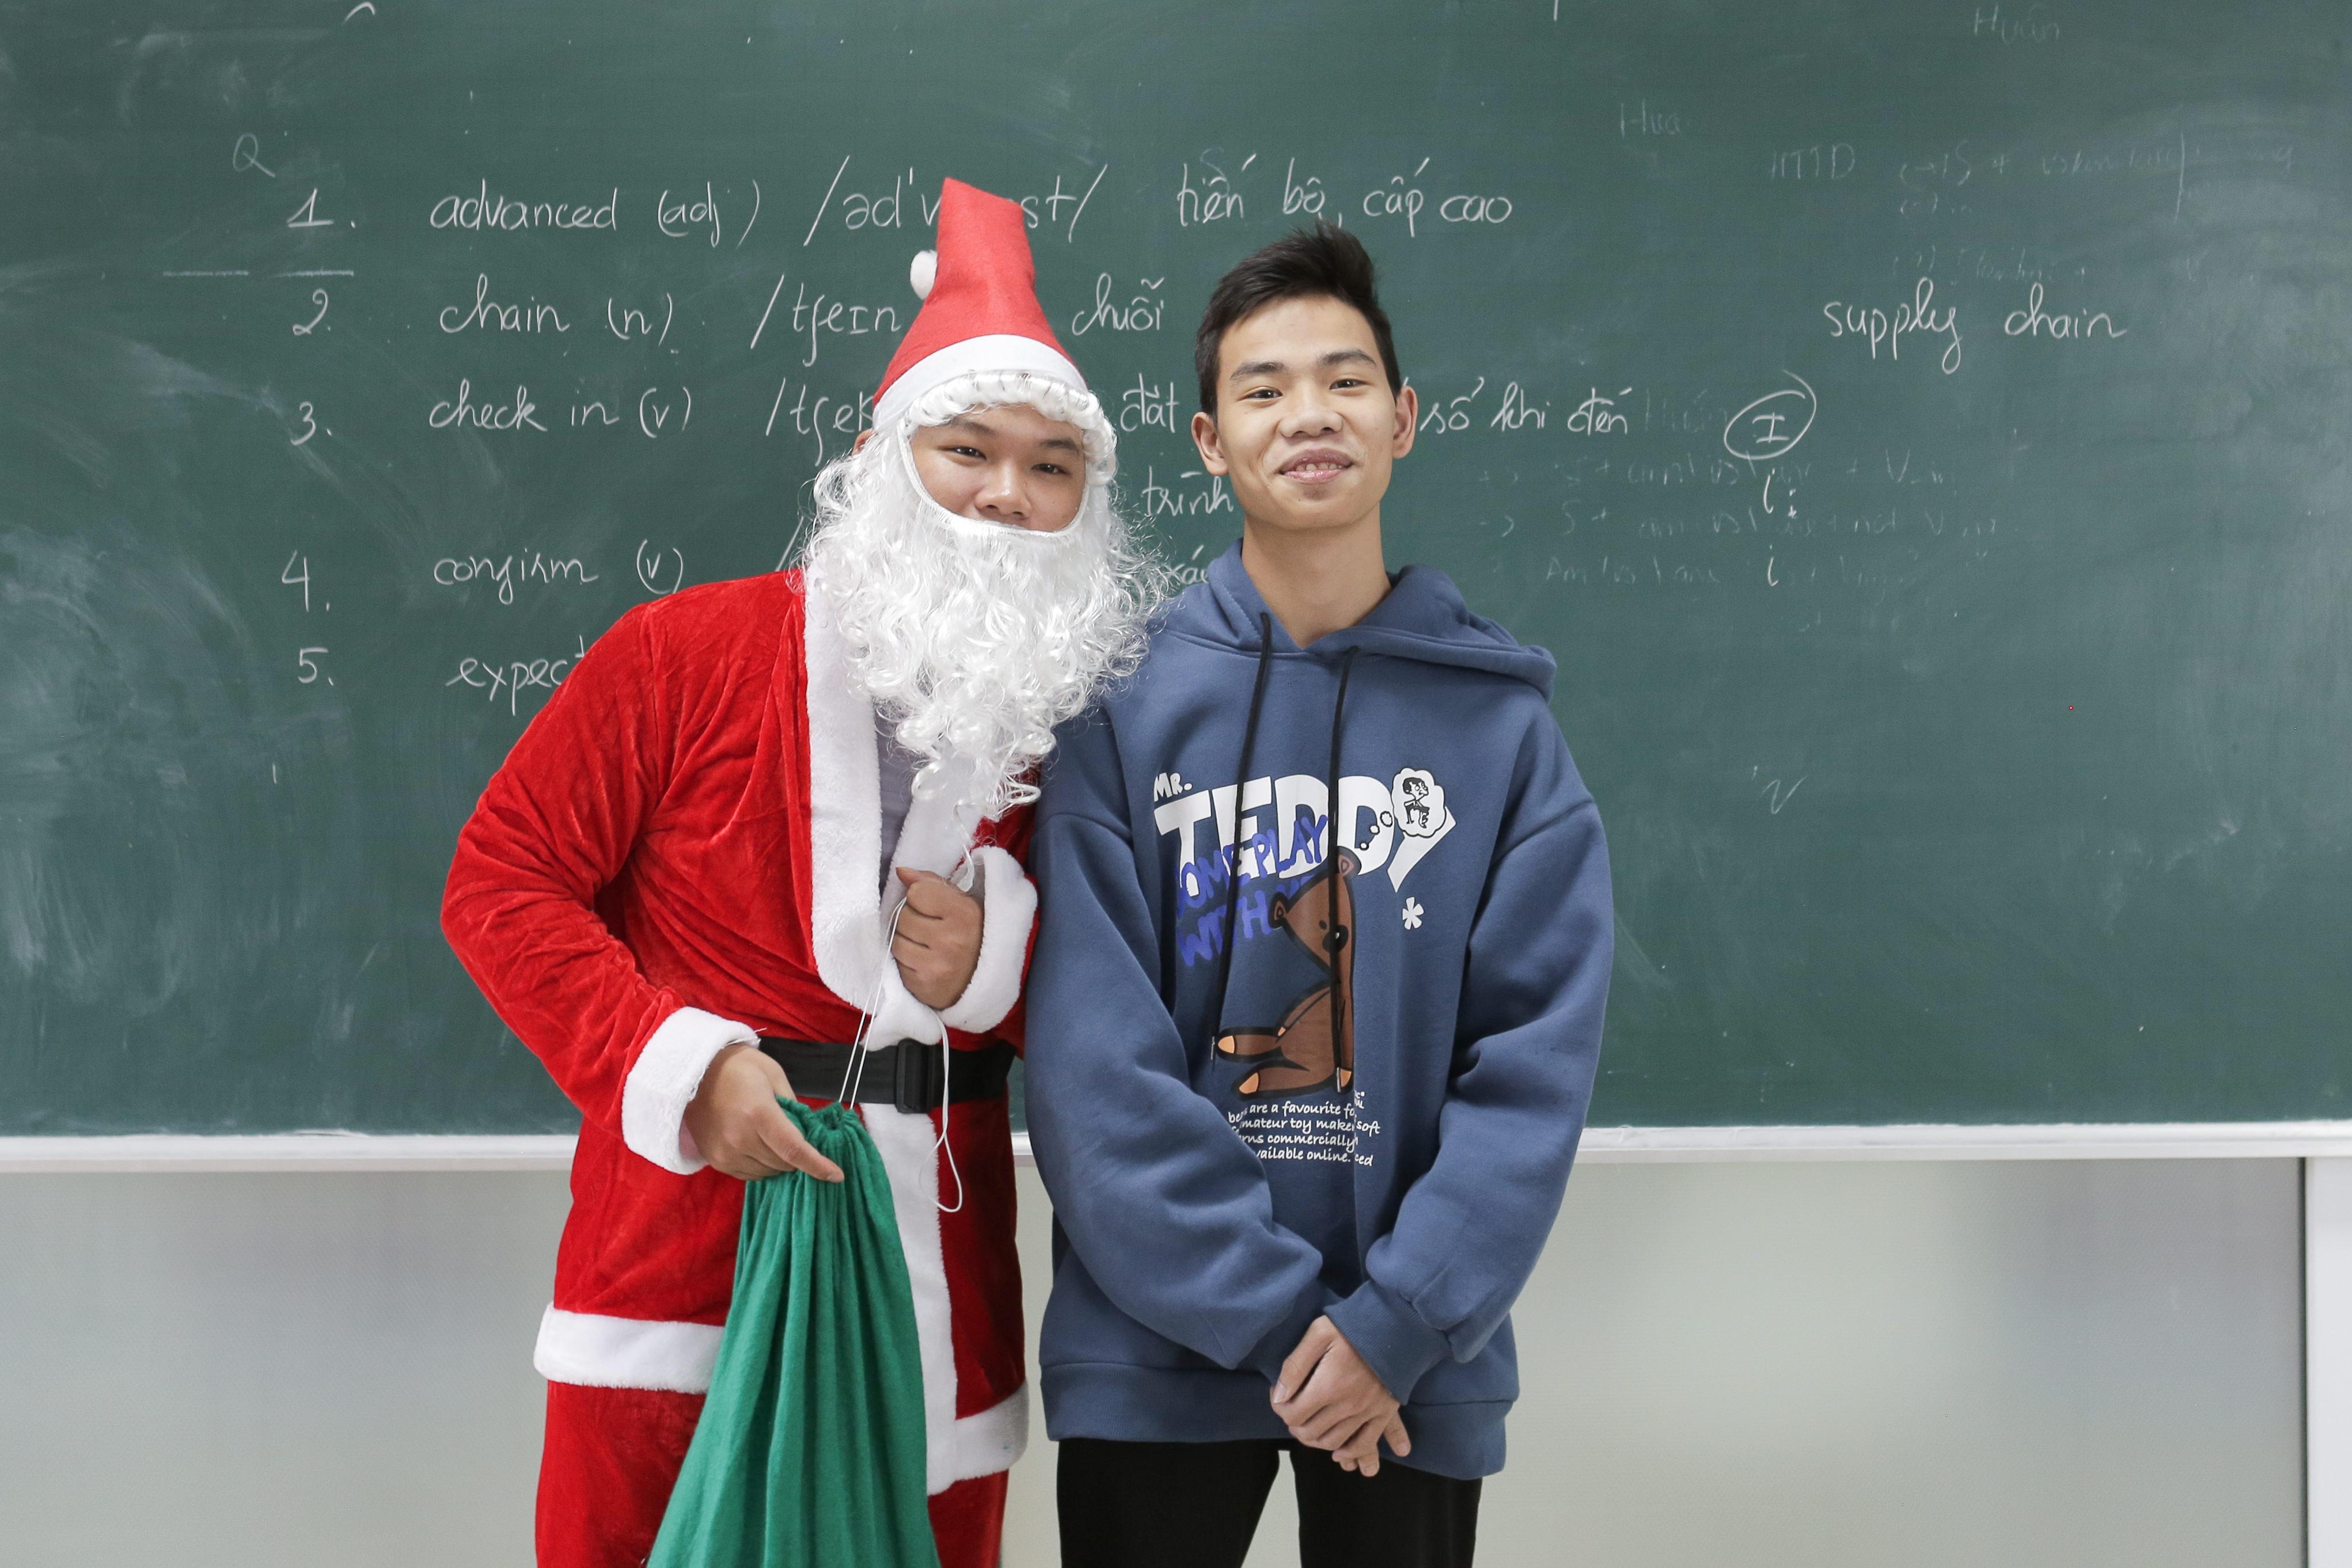 Sinh viên lớp tiếng anh bất ngờ khi được nhận quà